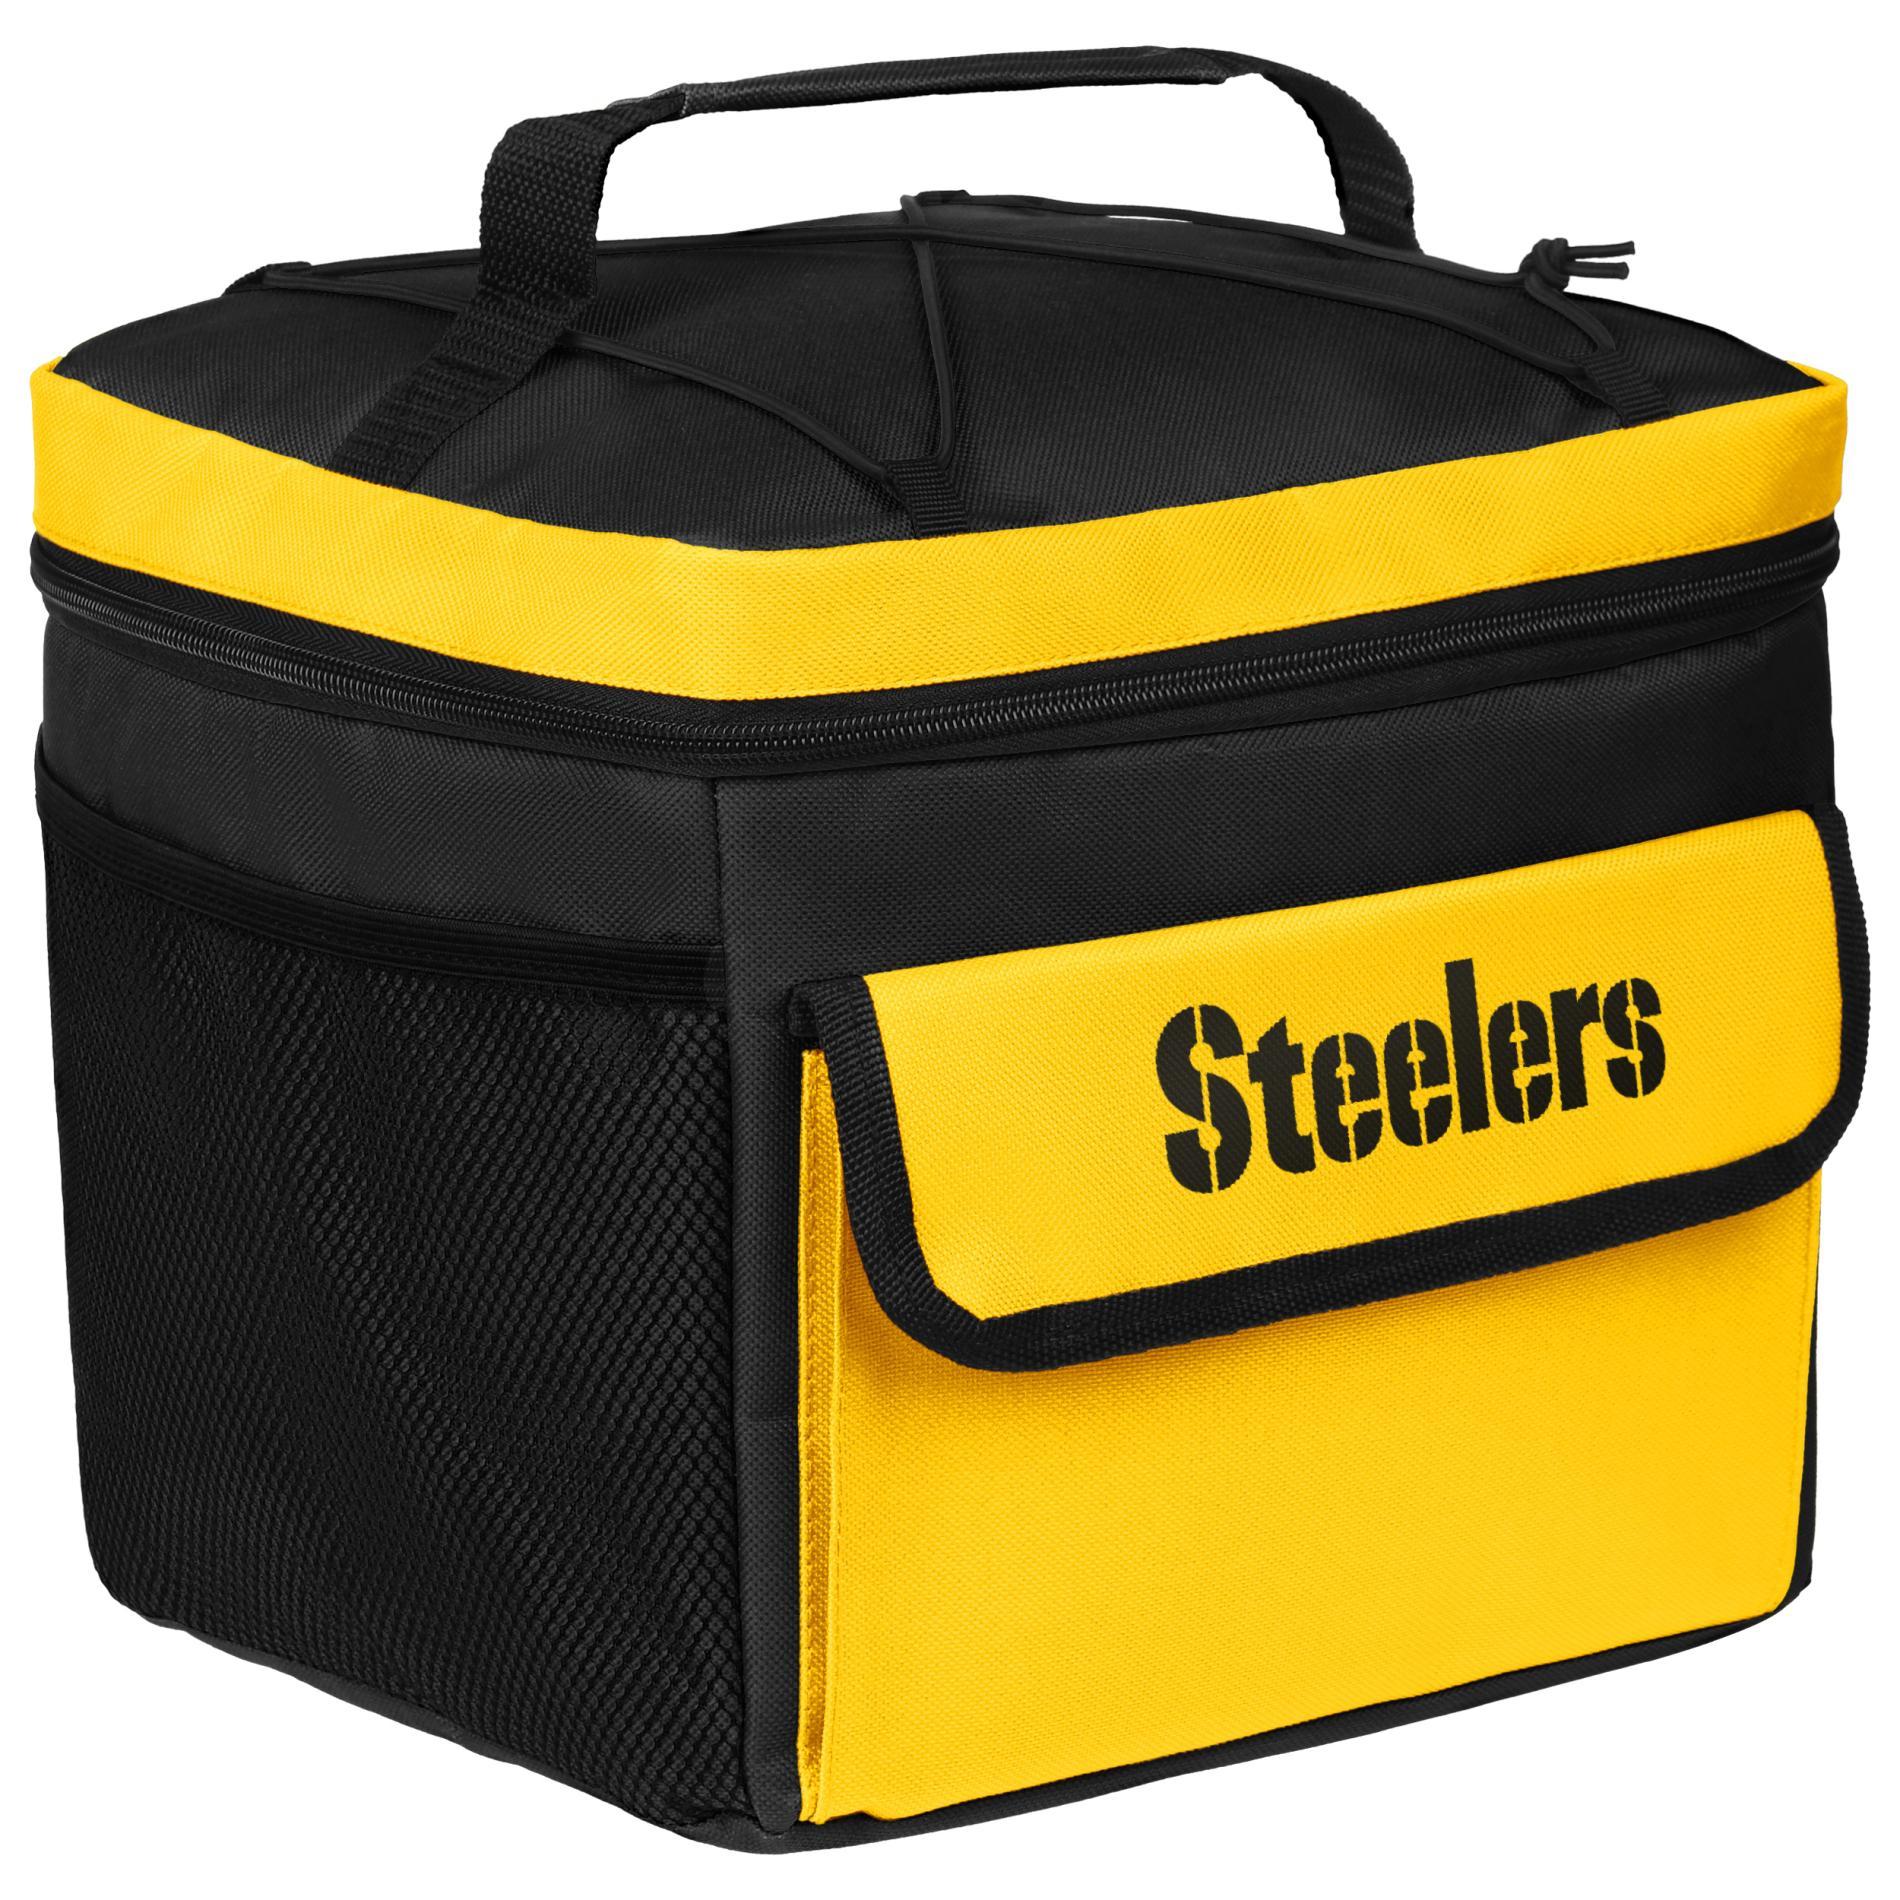 NFL All-Star Cooler Bag - Pittsburgh Steelers PartNumber: 046W008599848001P KsnValue: 046W008599848001 MfgPartNumber: CONFBNGASPS